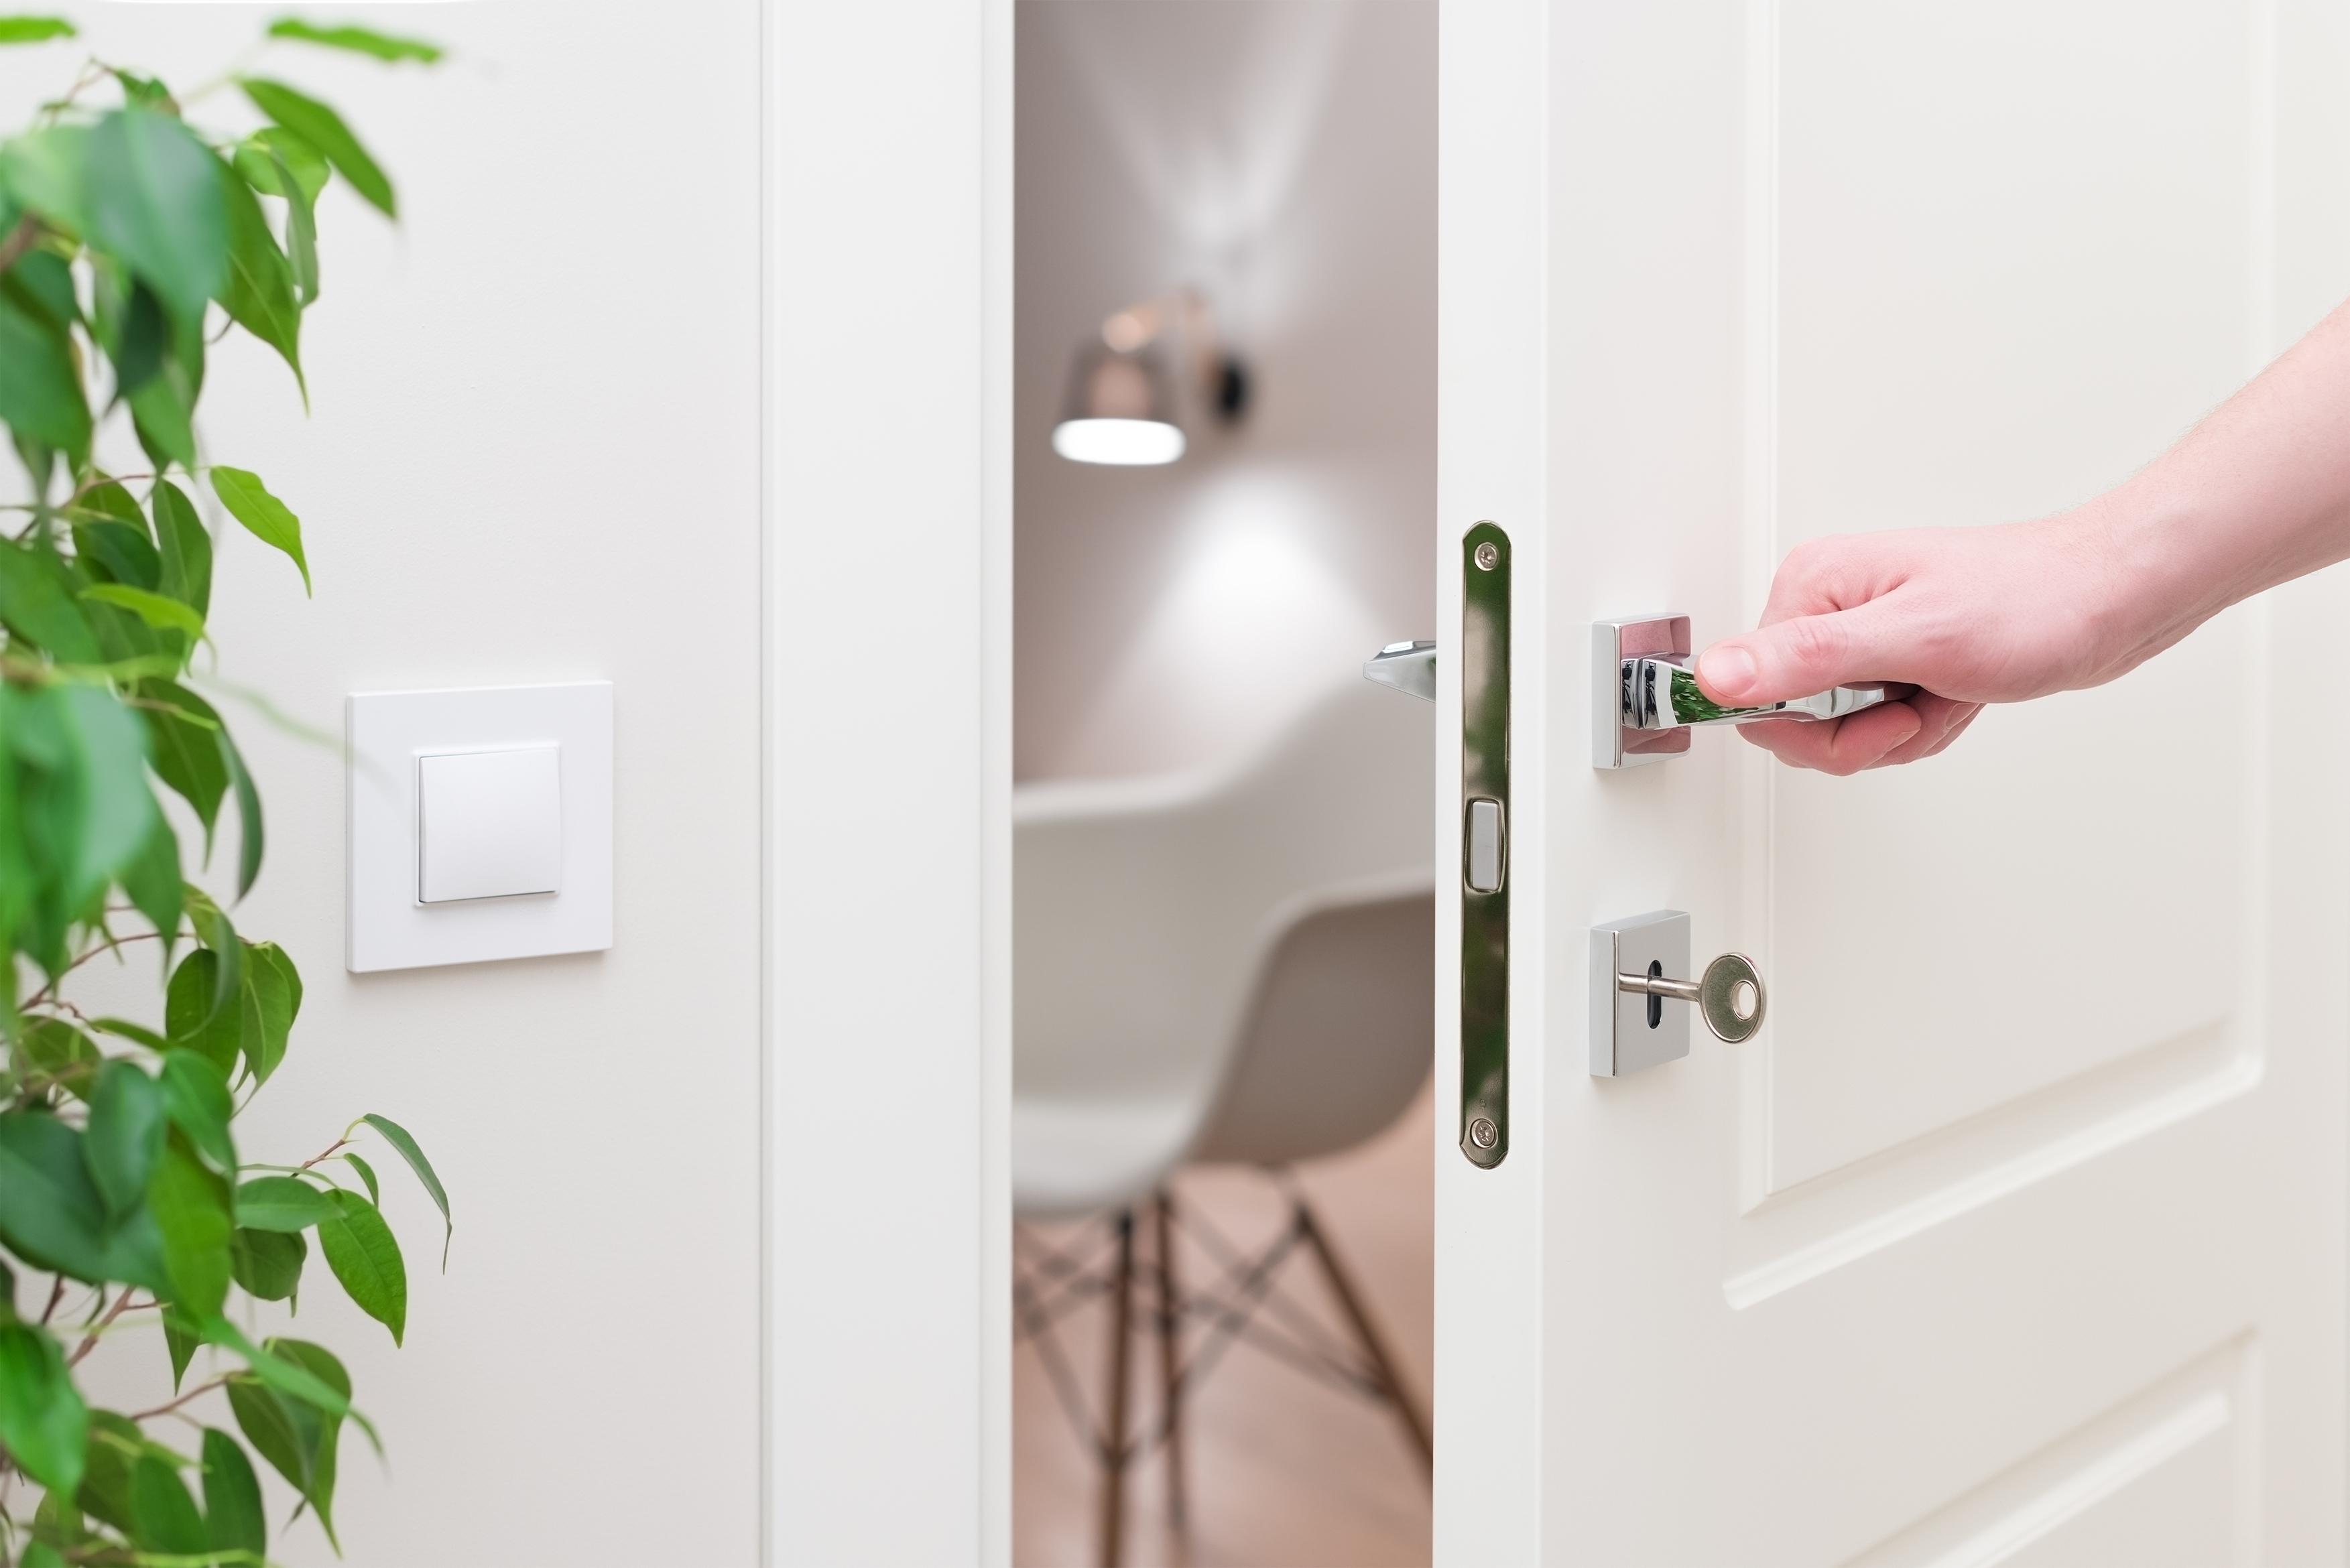 A hand opening a door.